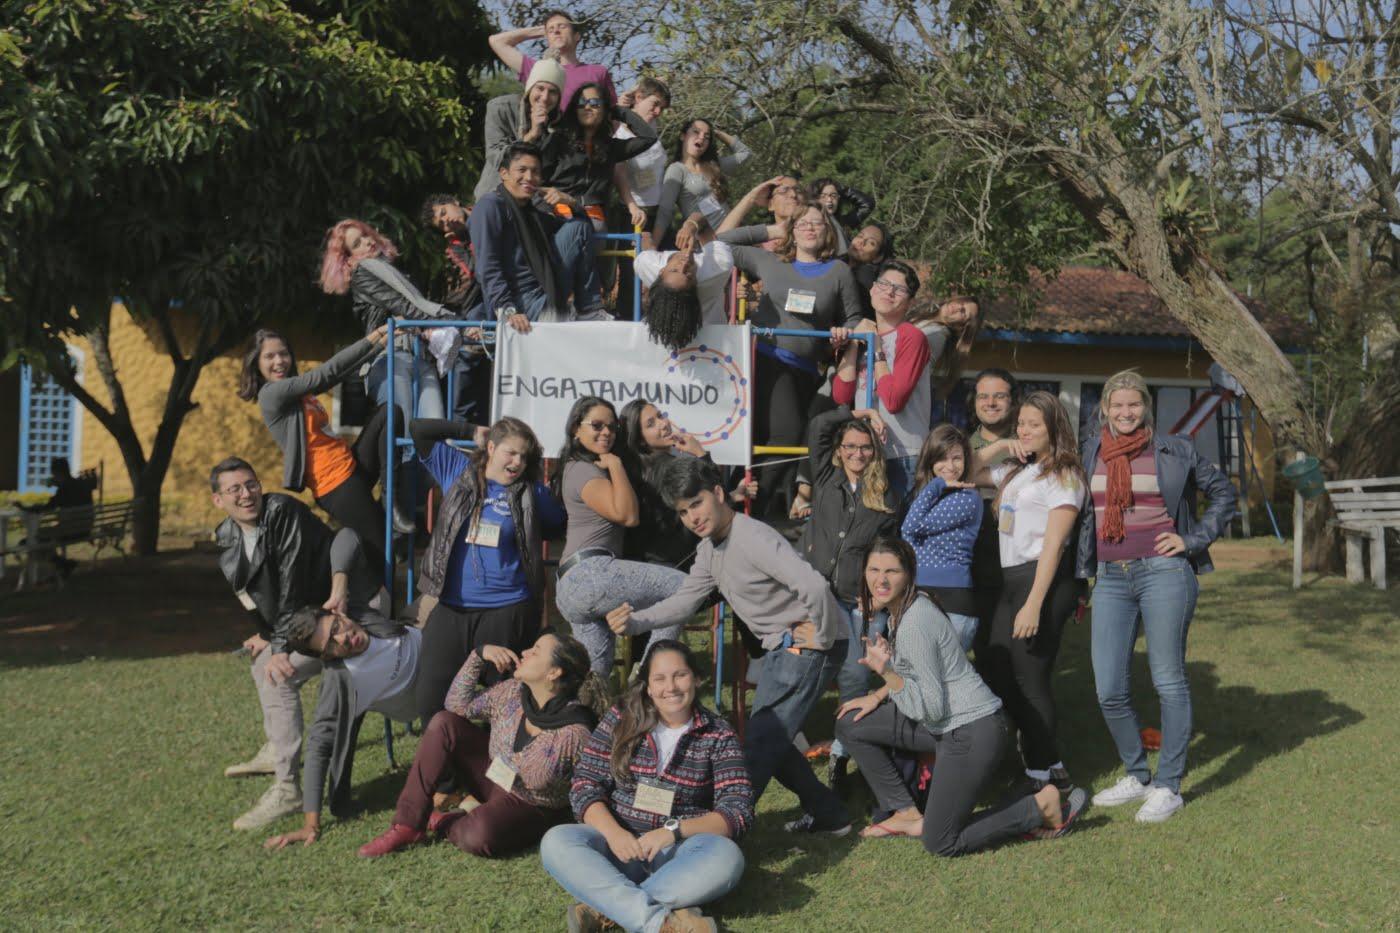 Alguns dos jovens reunidos no encontro anual do Engajamundo, realizado em 2015.